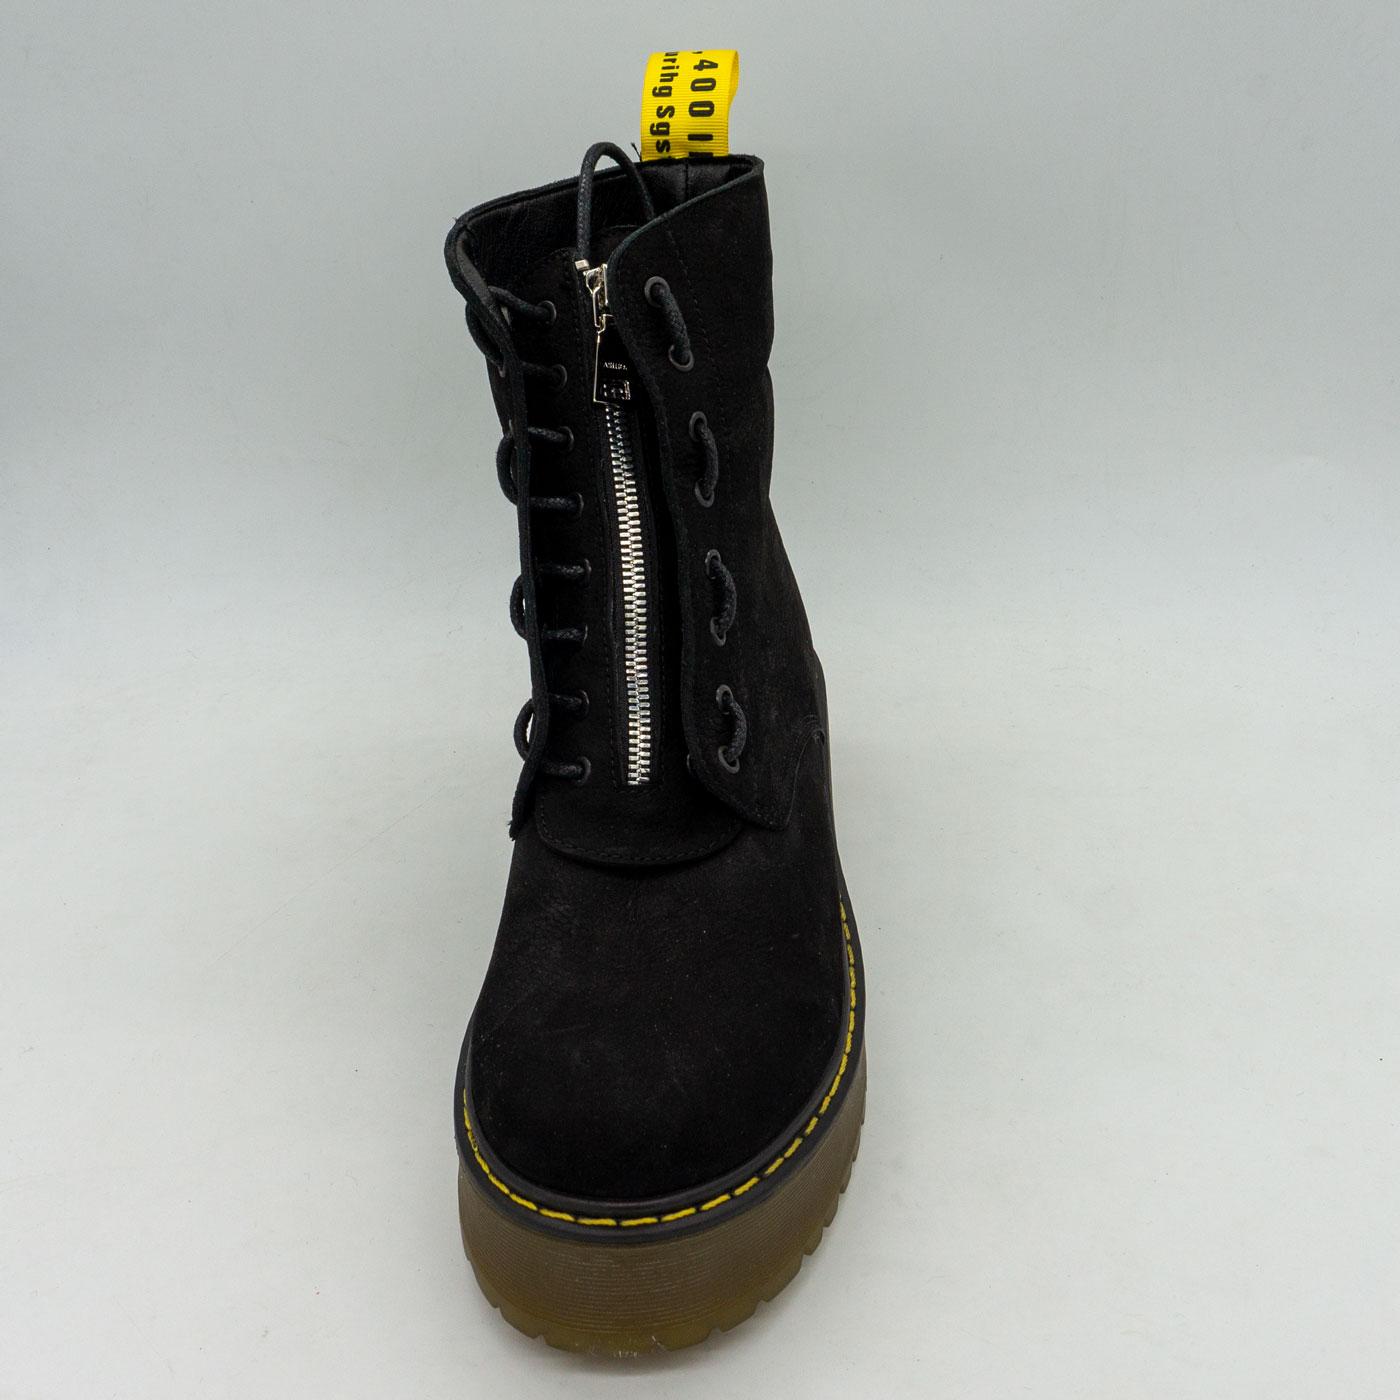 фото back Черные женские ботинки с мехом на платформе в стиле Dr. Martens  нубук back